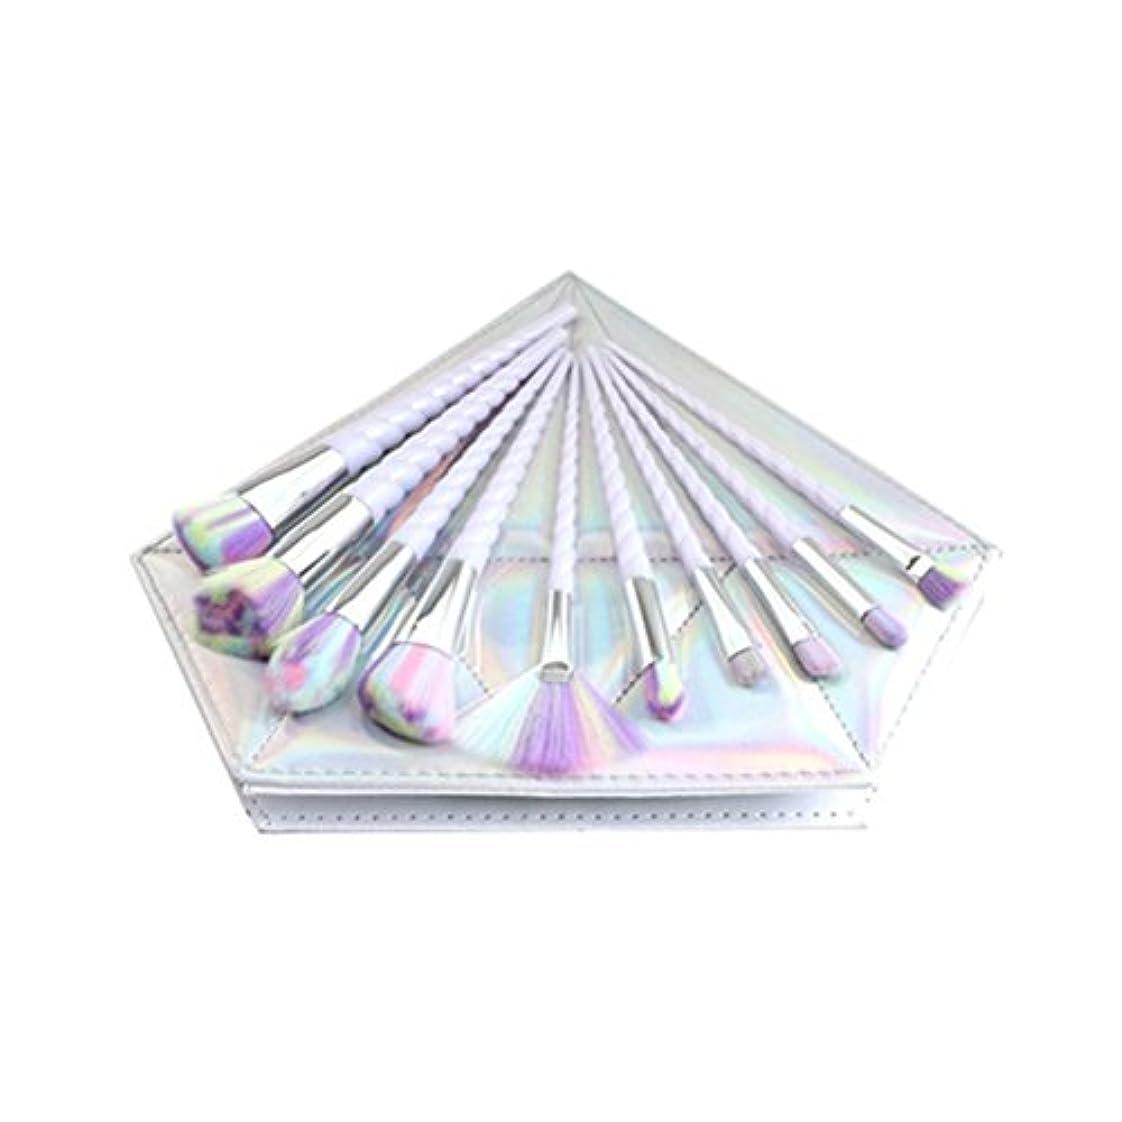 有効化キャプテンバーマドDilla Beauty 10本セットユニコーンデザインプラスチックハンドル形状メイクブラシセット合成毛ファンデーションブラシアイシャドーブラッシャー美容ツール美しい化粧品のバッグを送る (白いハンドル - 多色の毛)